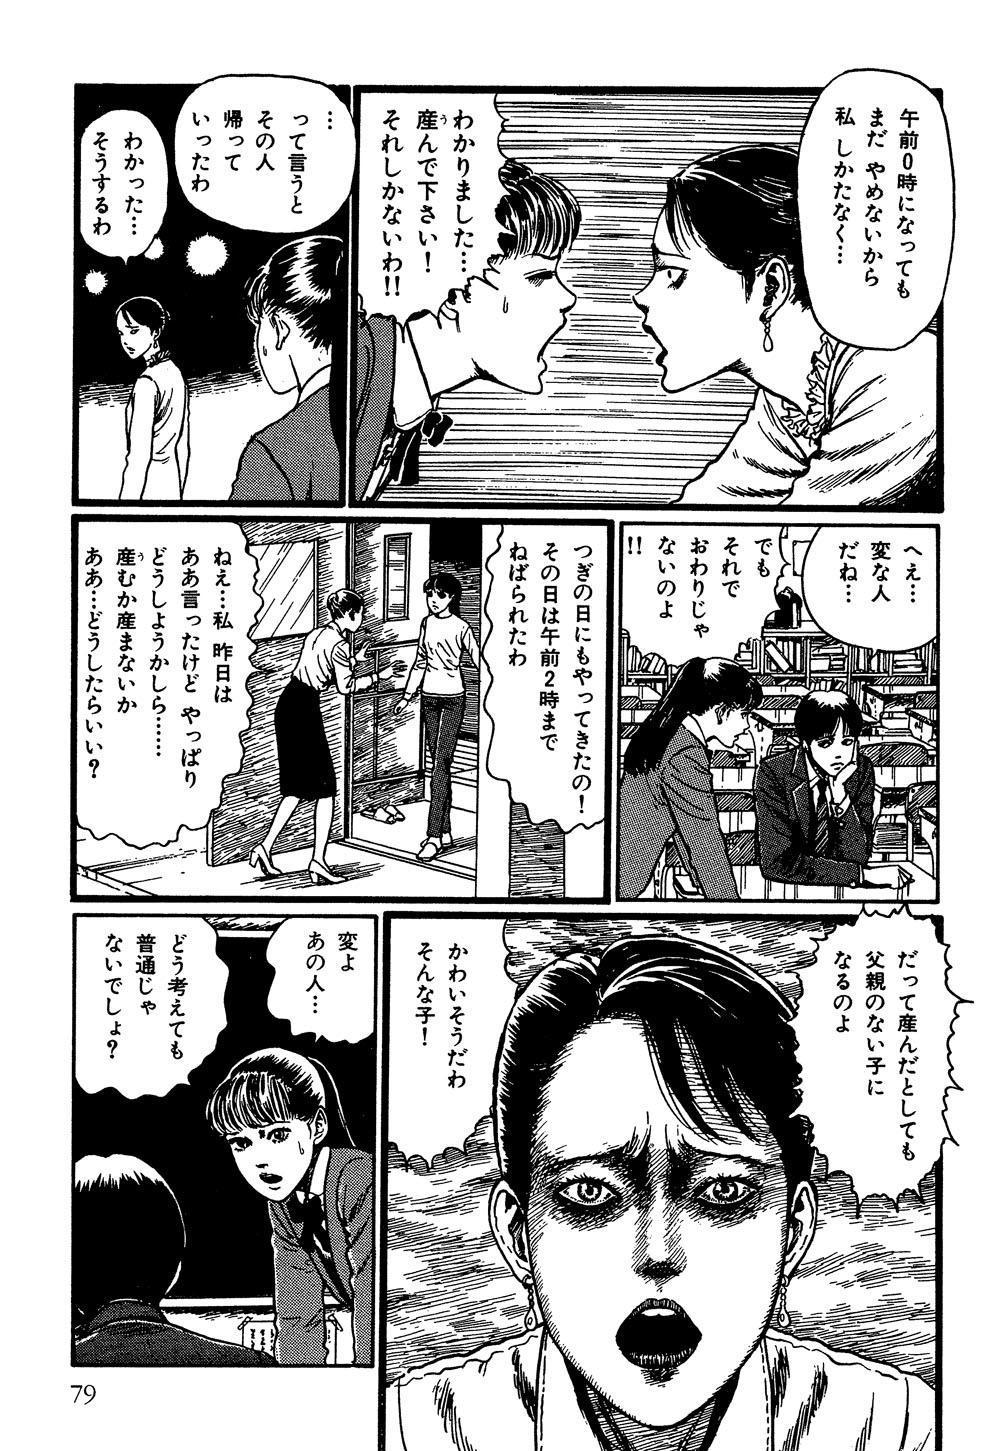 itouj_0004_0081.jpg